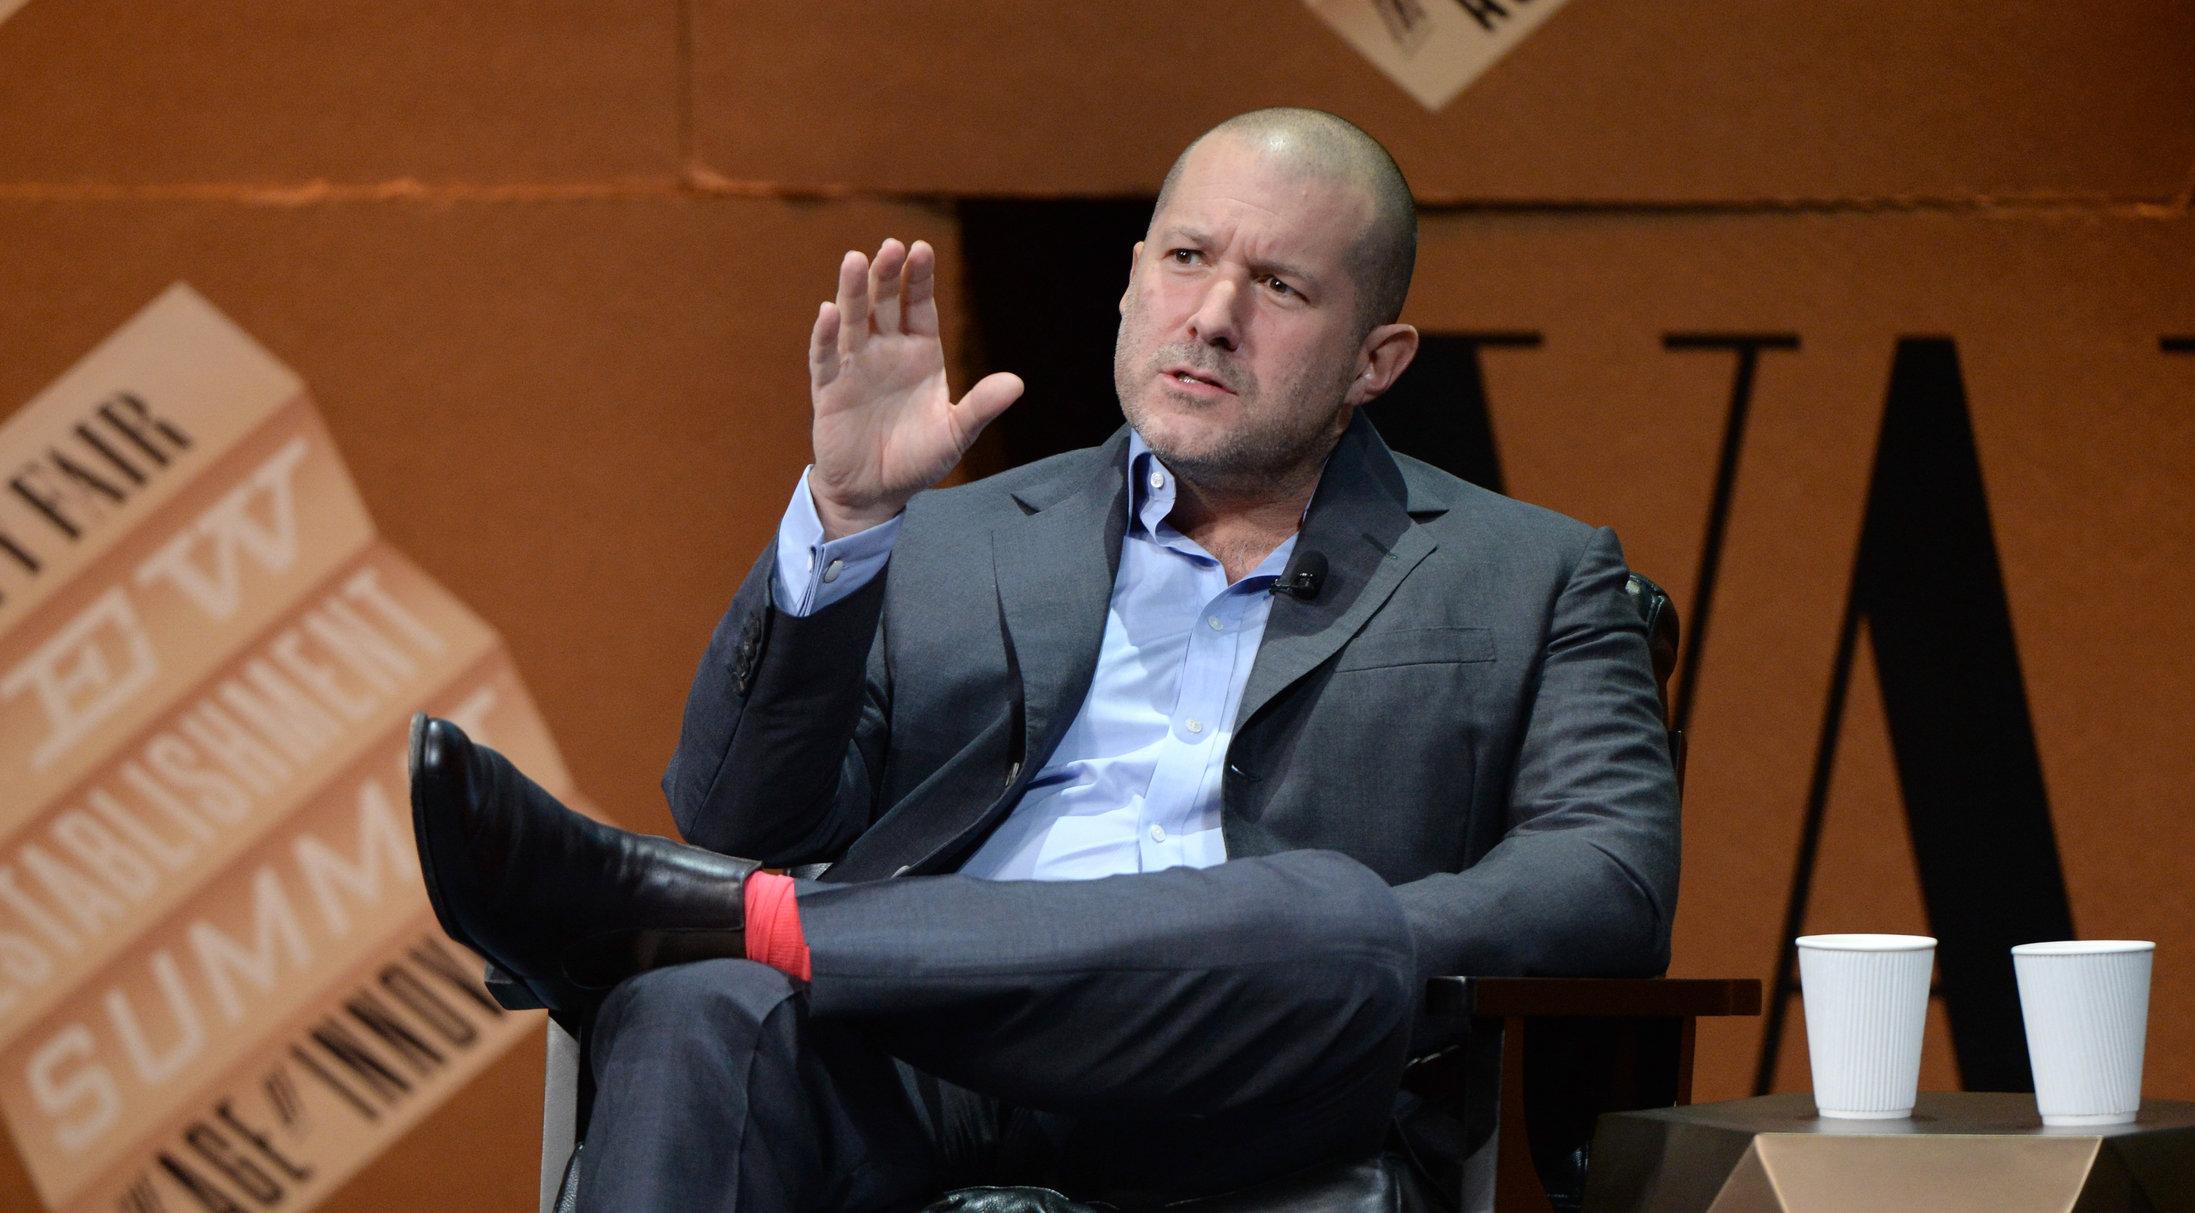 Az Apple vezető dizájnerének nem tetszik az iPhone 7